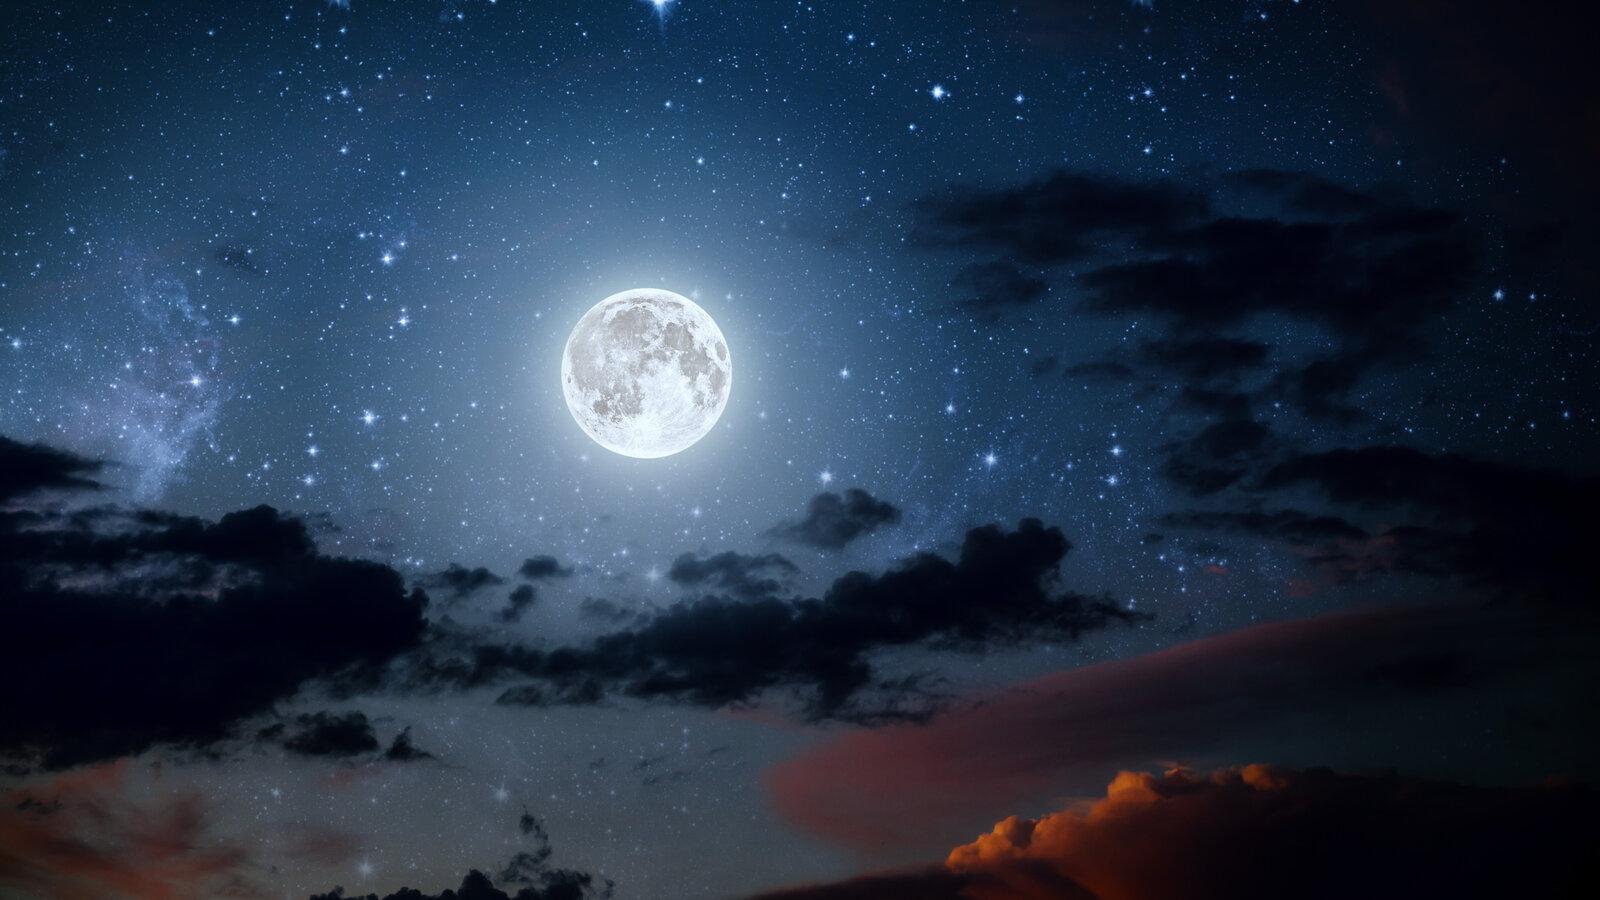 täysikuu kuunvalo valaisee veden pintaa kirkkaasti